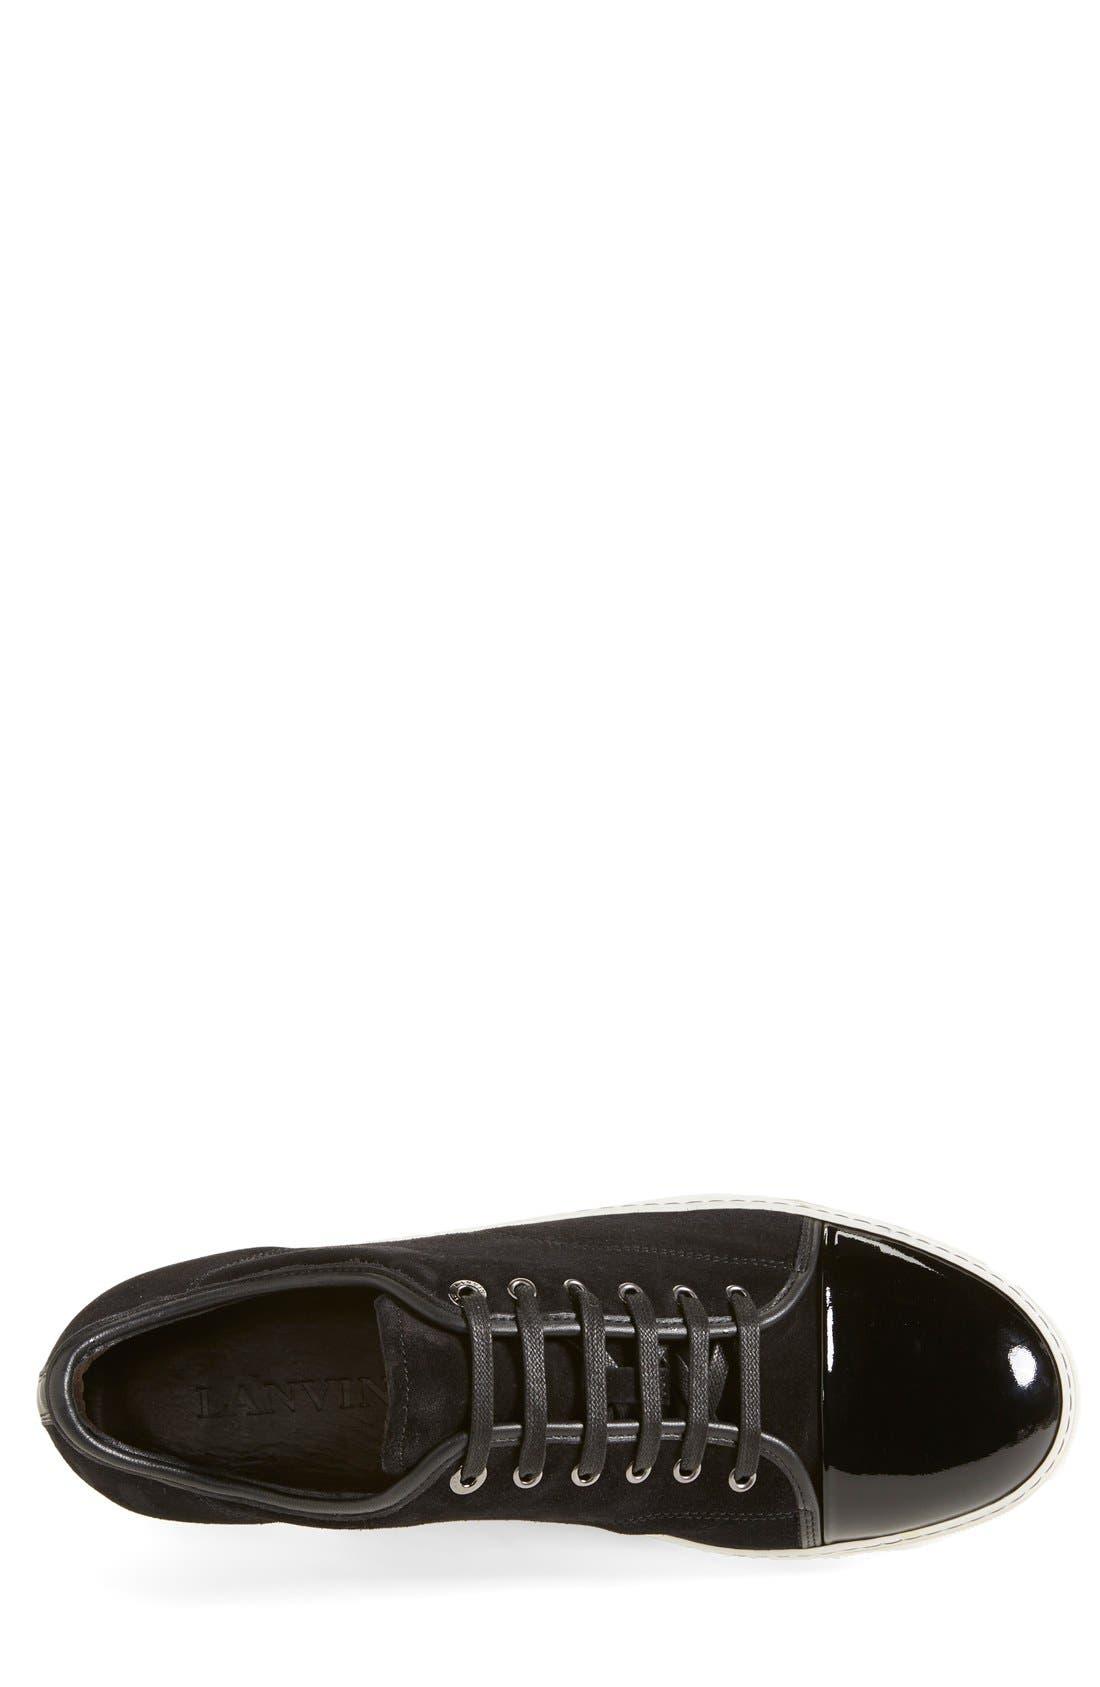 LANVIN, Low Top Suede Sneaker, Alternate thumbnail 4, color, BLACK